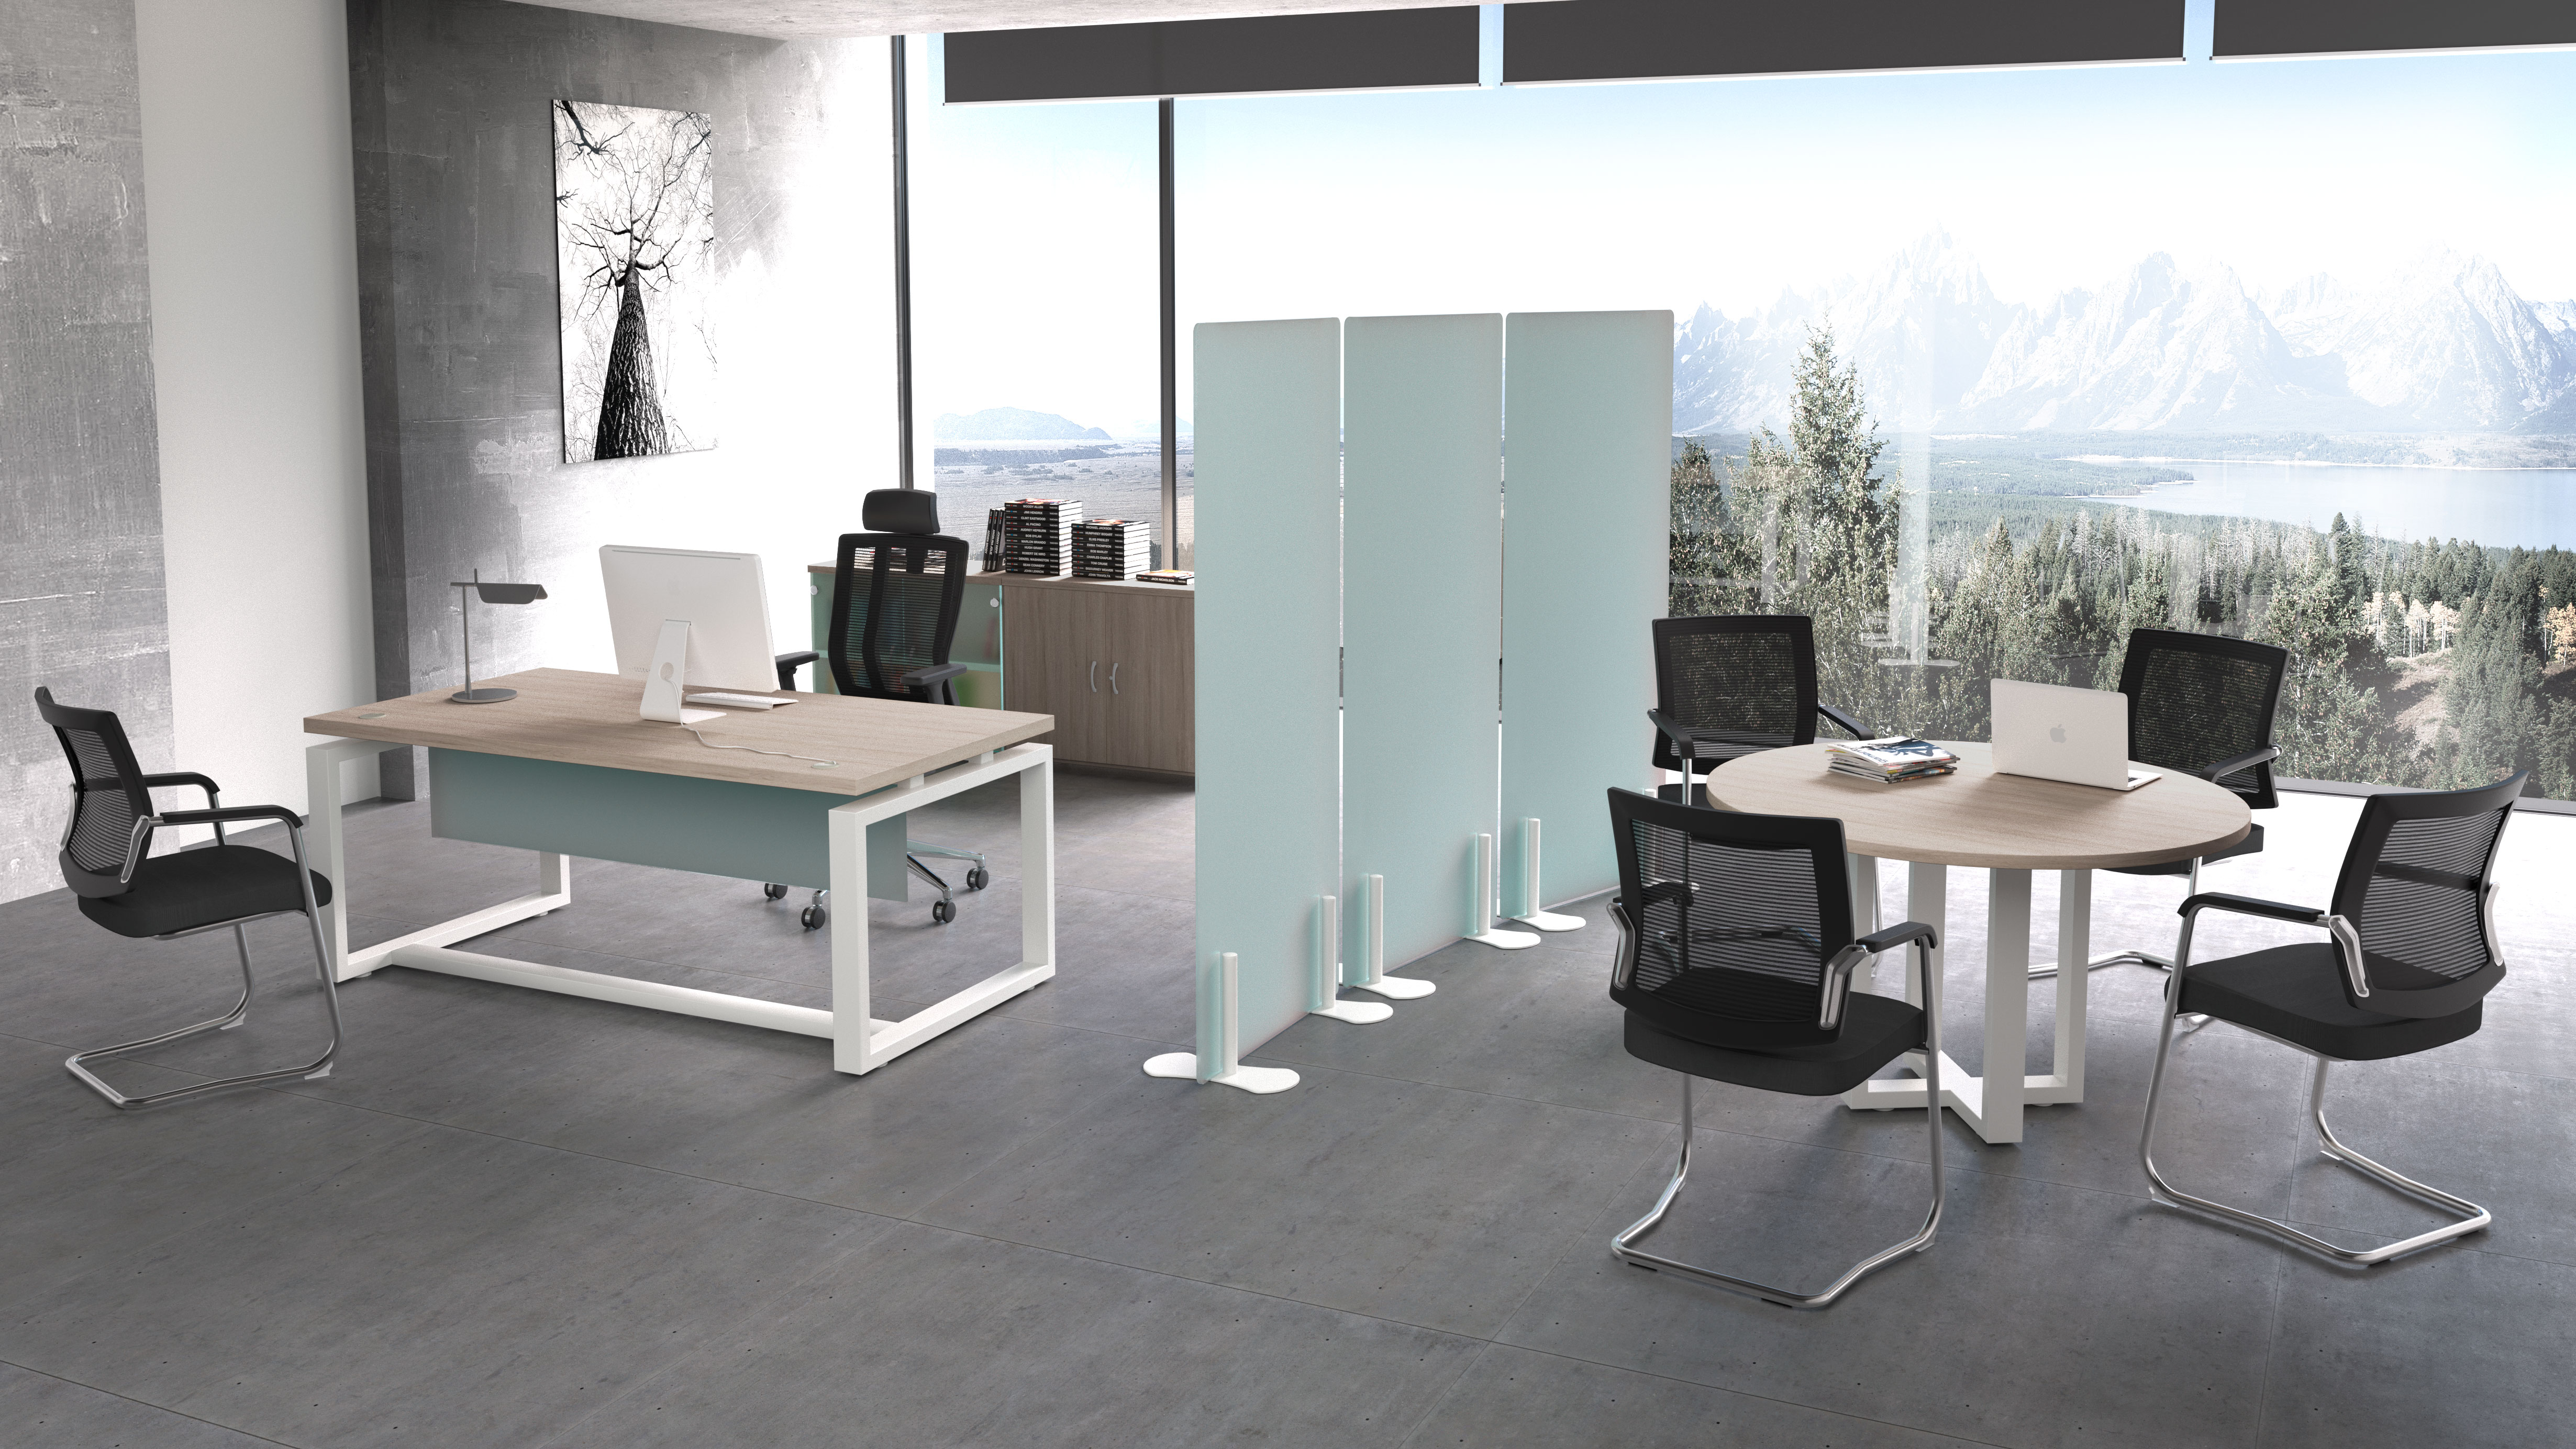 imágenes 3D oficina